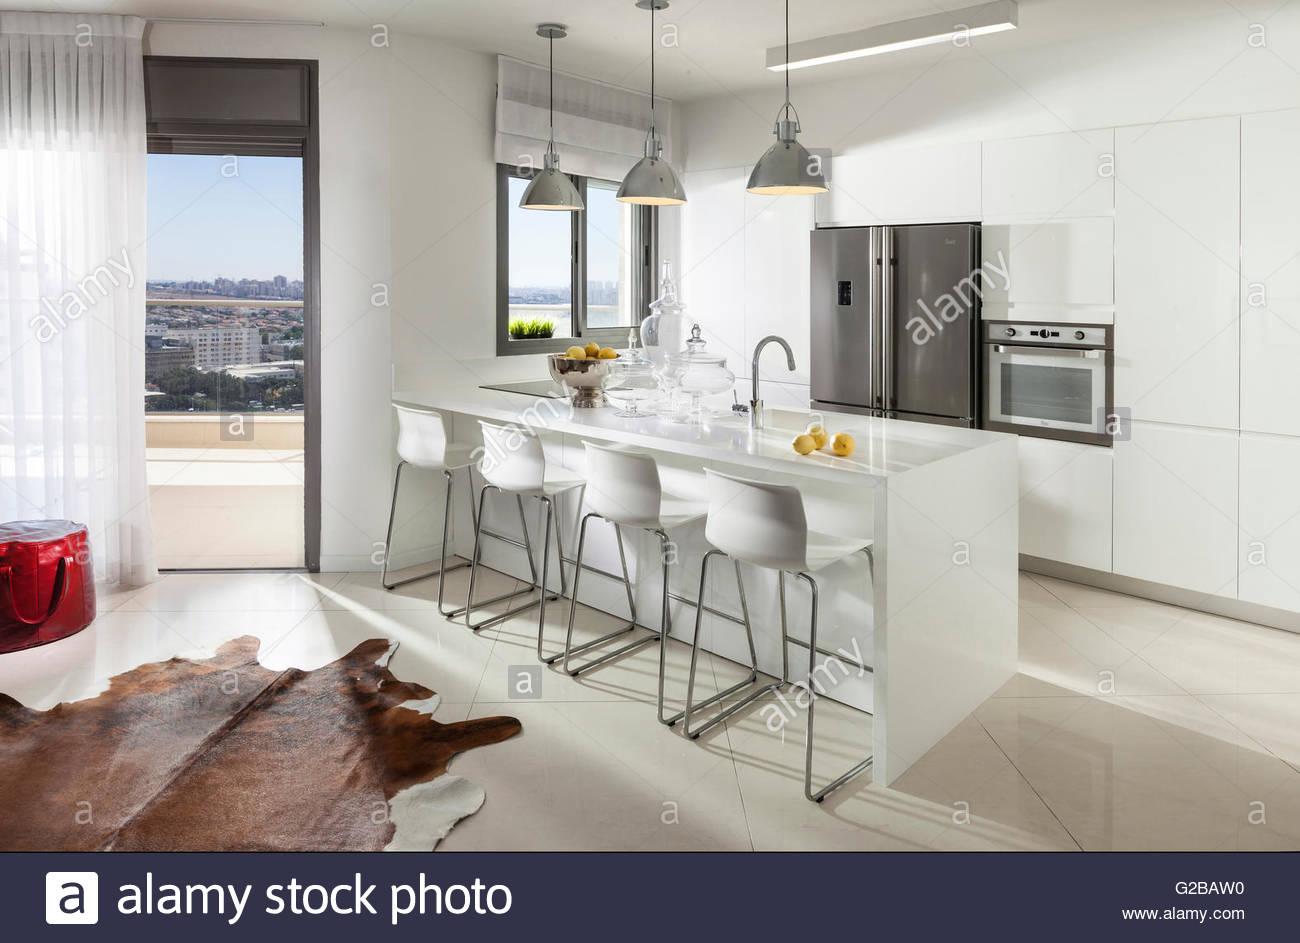 Moderna sala interno di cucina con nuovi elettrodomestici in